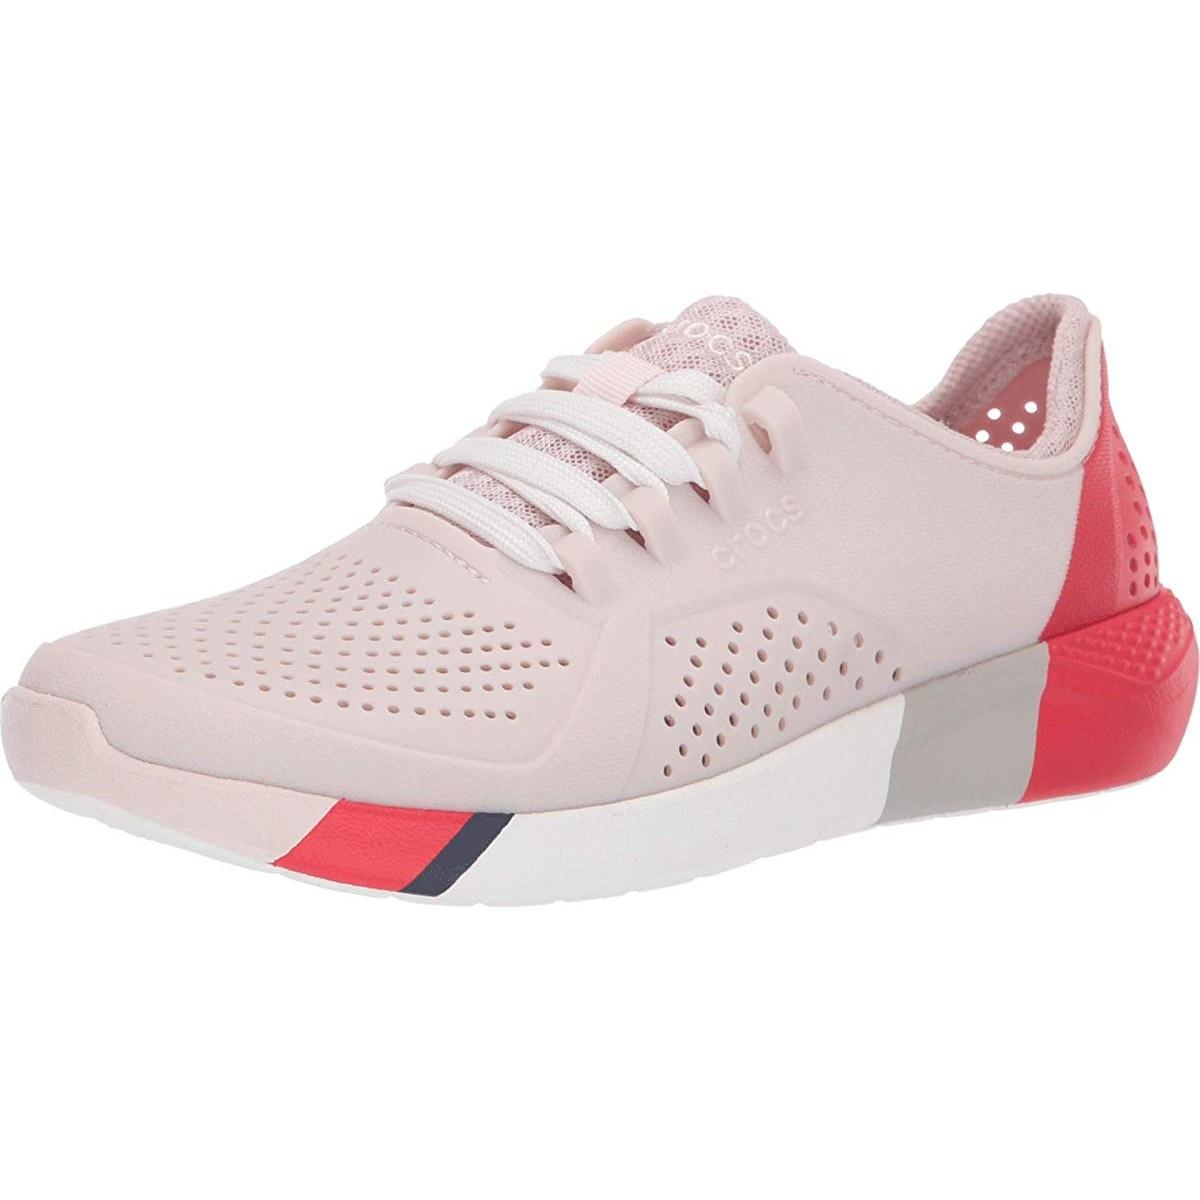 Кроссовки Crocs LiteRide Color Block Pacer Pink - Оригинал, фото 1